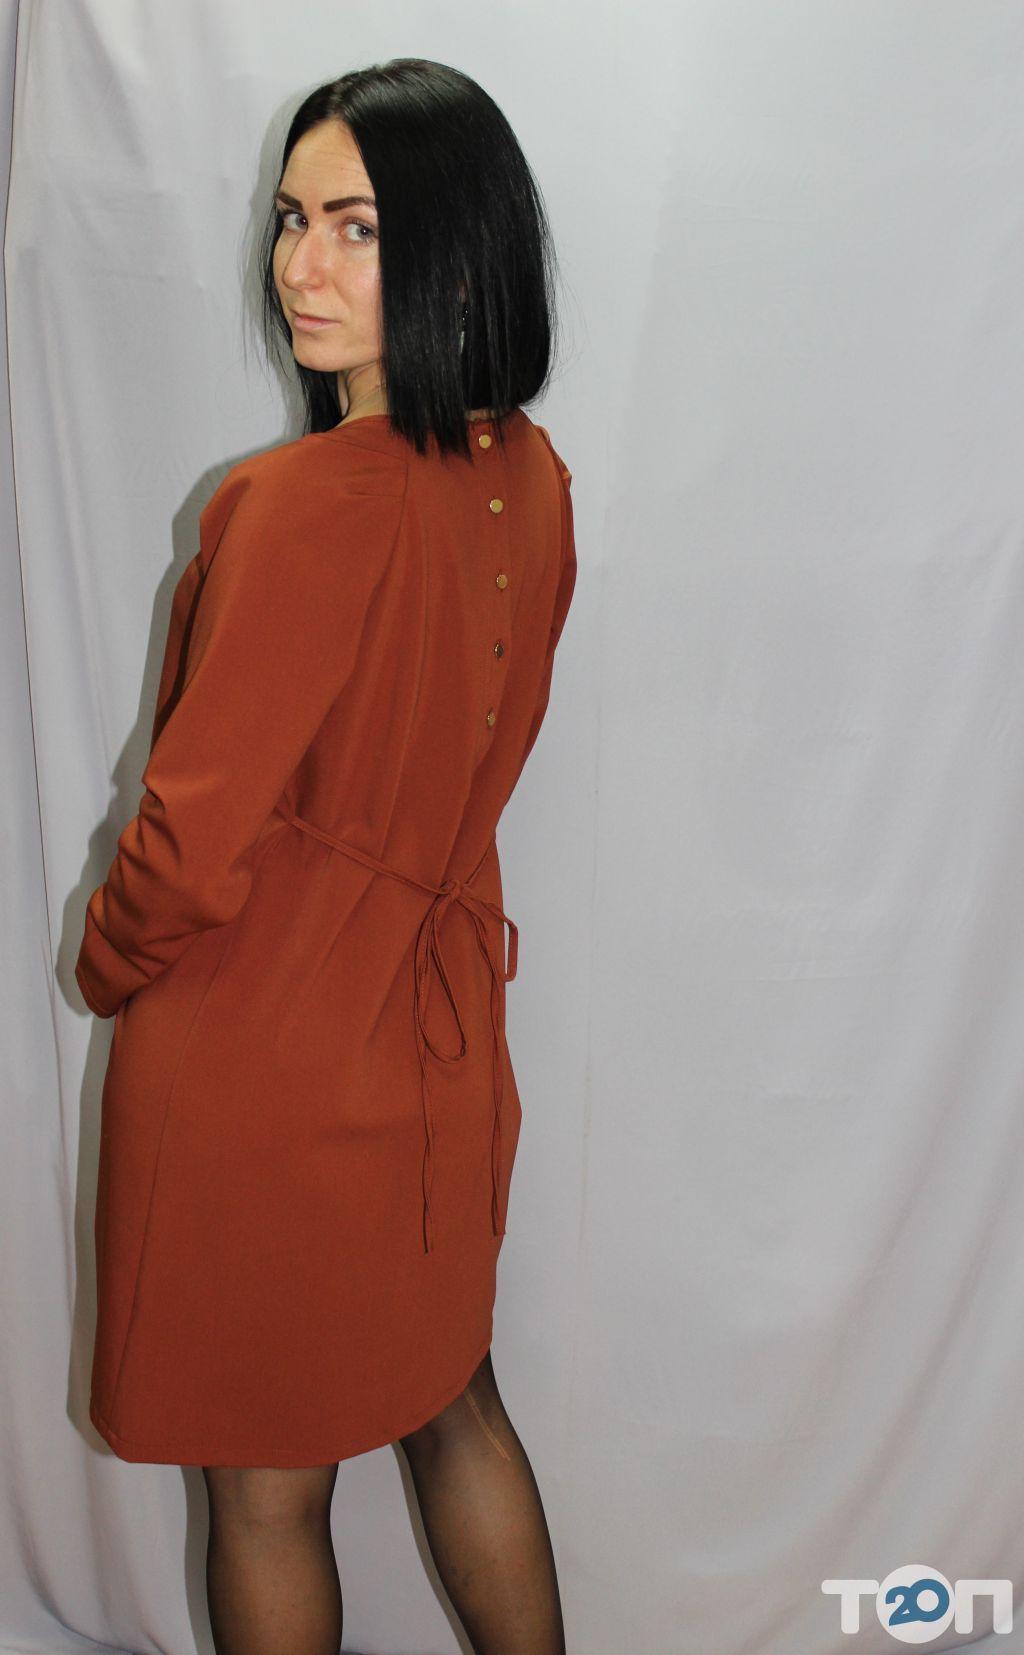 Дануся, одяг для вагітних - фото 20